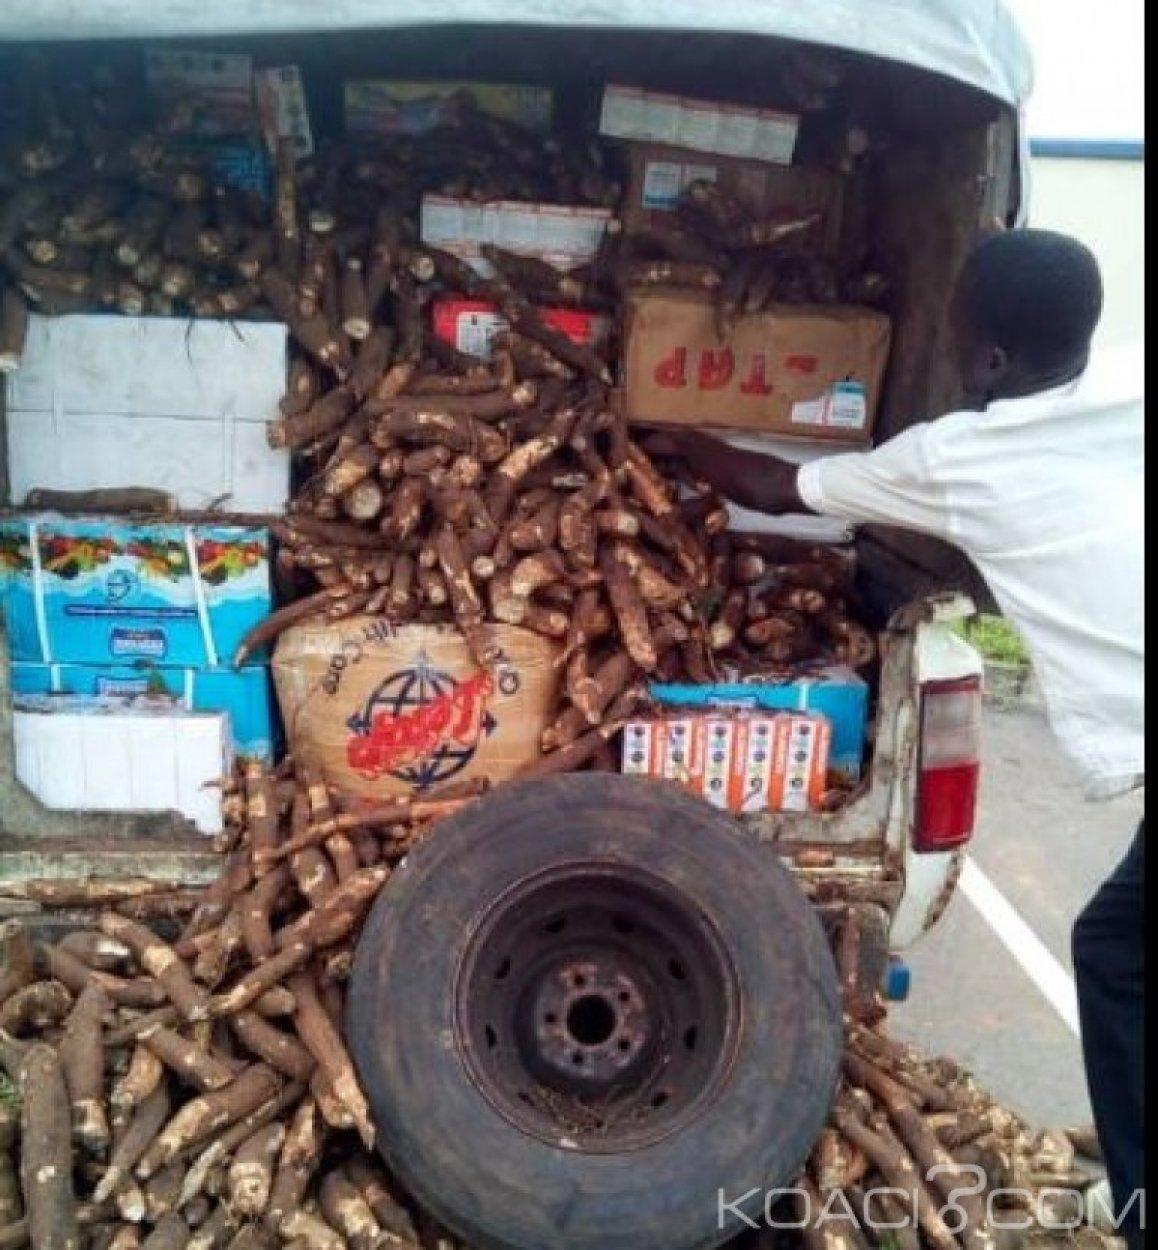 Côte d'Ivoire : Des cartons de médicaments de qualité inférieure dissimulés dans un véhicule transportant du manioc